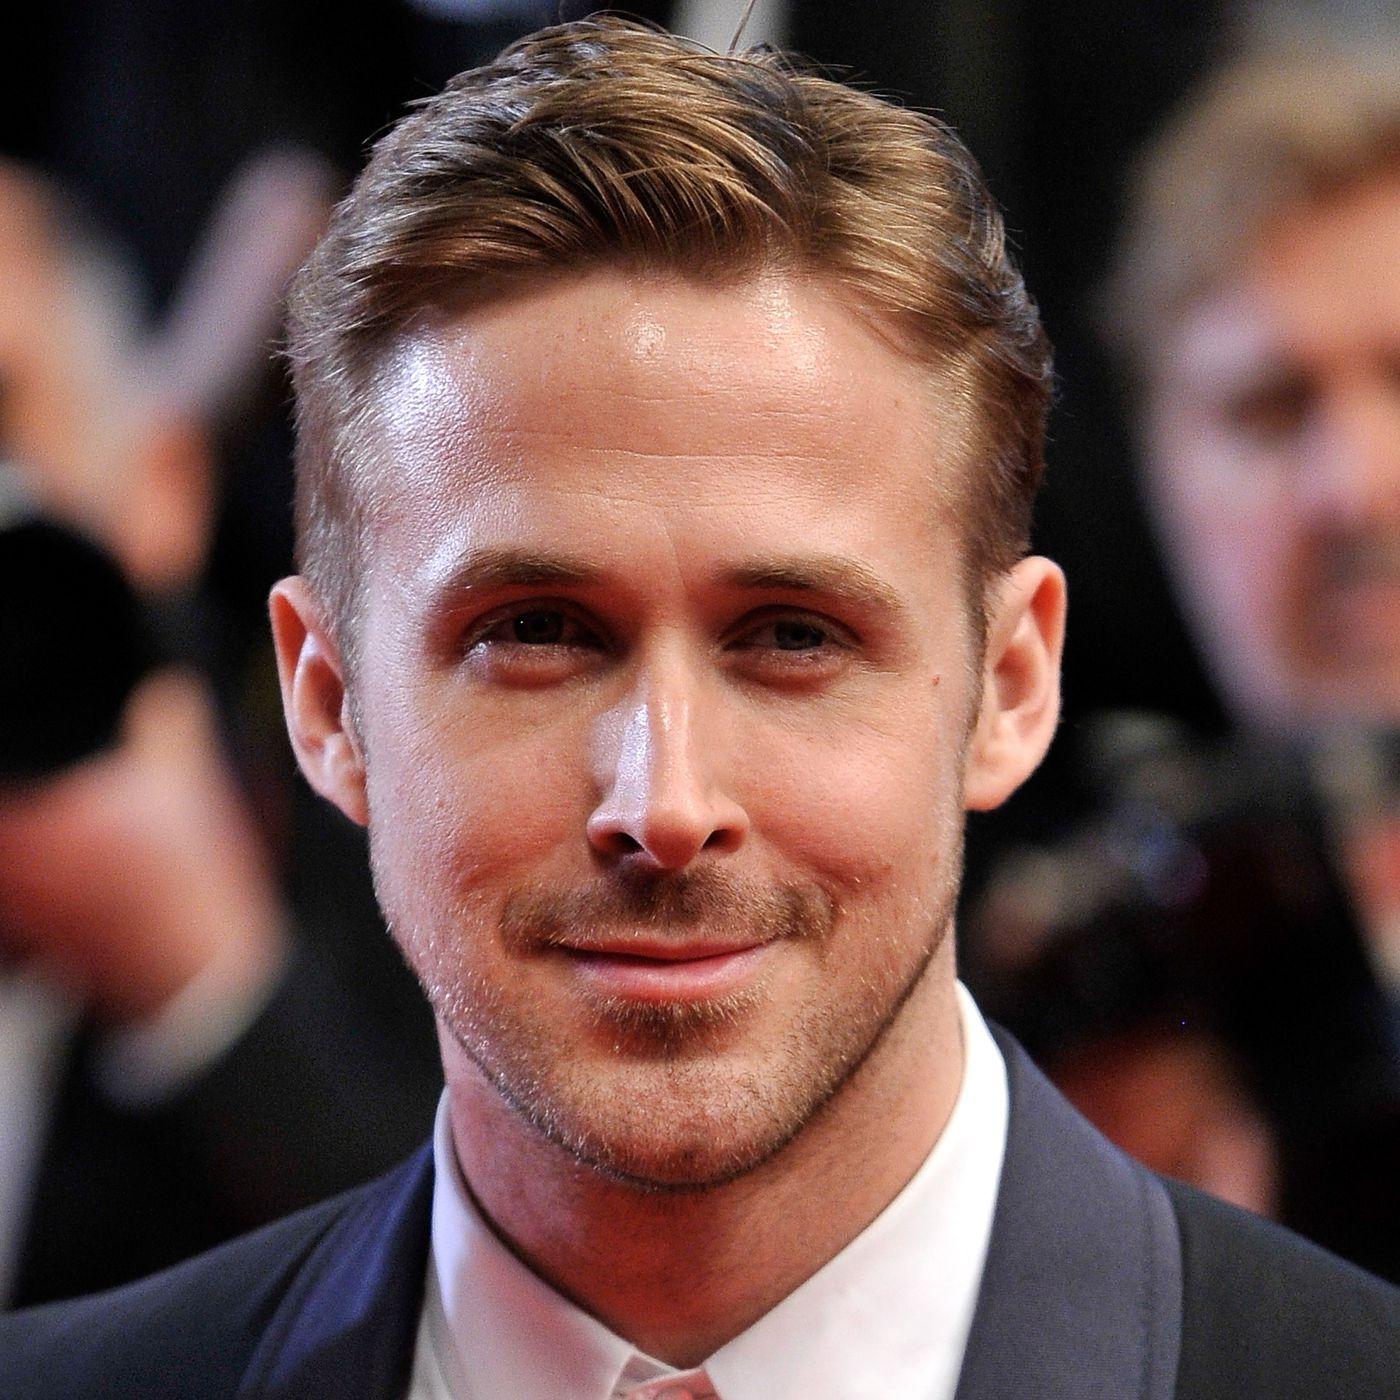 Study Feminist Ryan Gosling Meme Makes Men More Feminist Vox